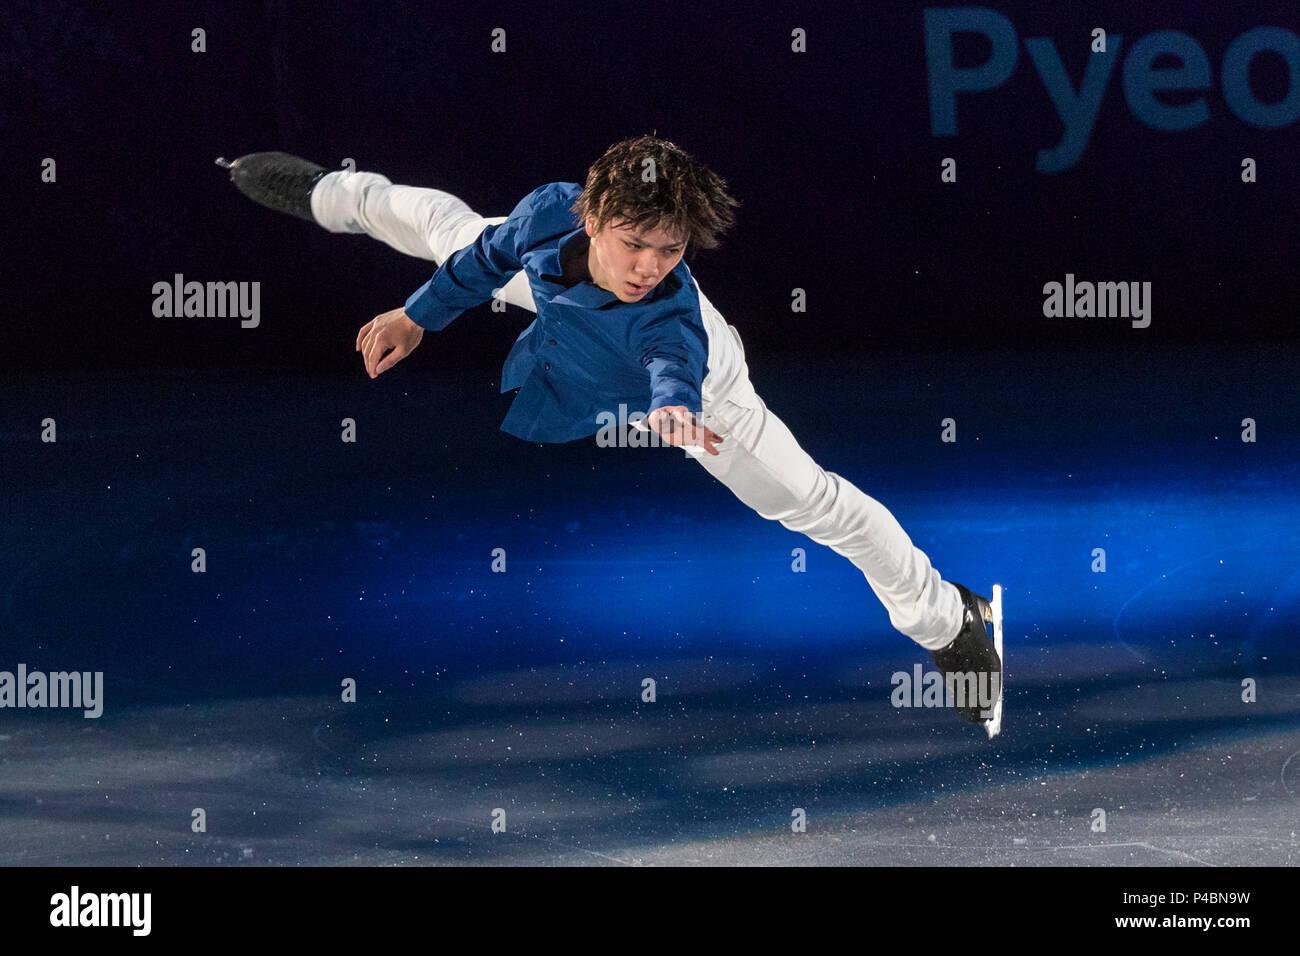 Shoma Uno (JPN) performing at the Figure Skating Gala Exhibition at the Olympic Winter Games PyeongChang 2018 Stock Photo